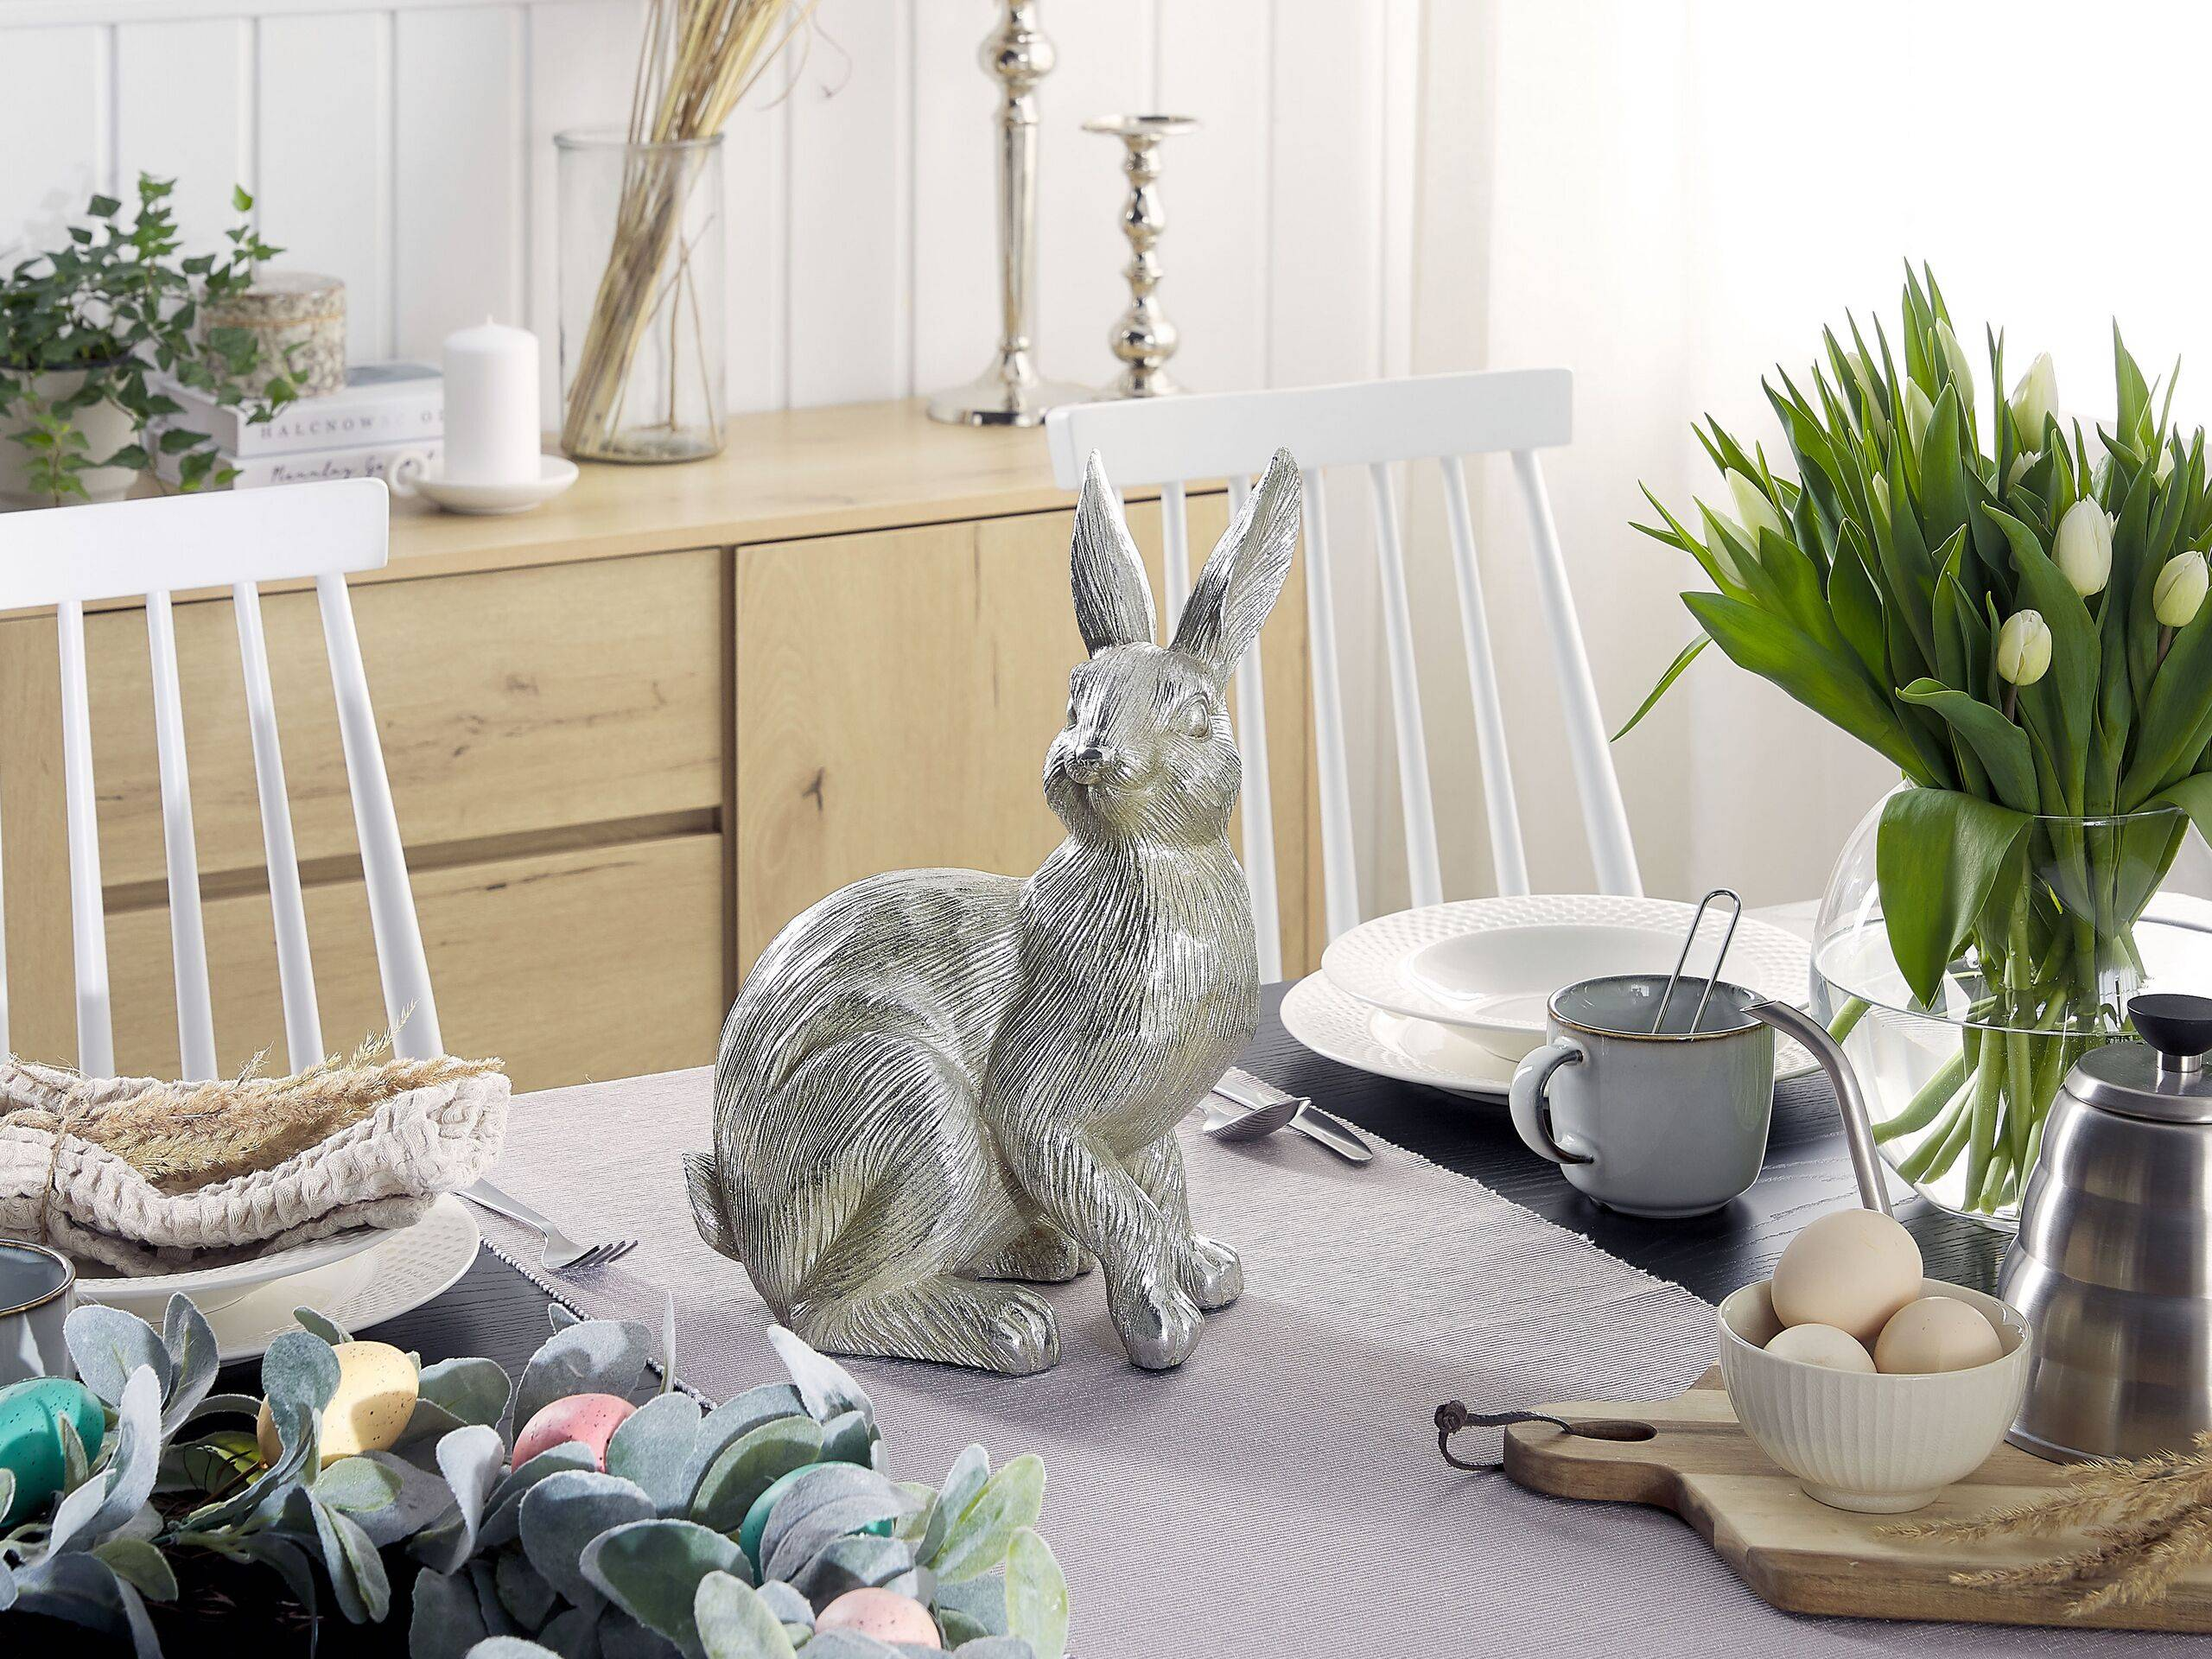 beliani statuetta decorativa argento coniglio pasquale decor interni salotto giardino